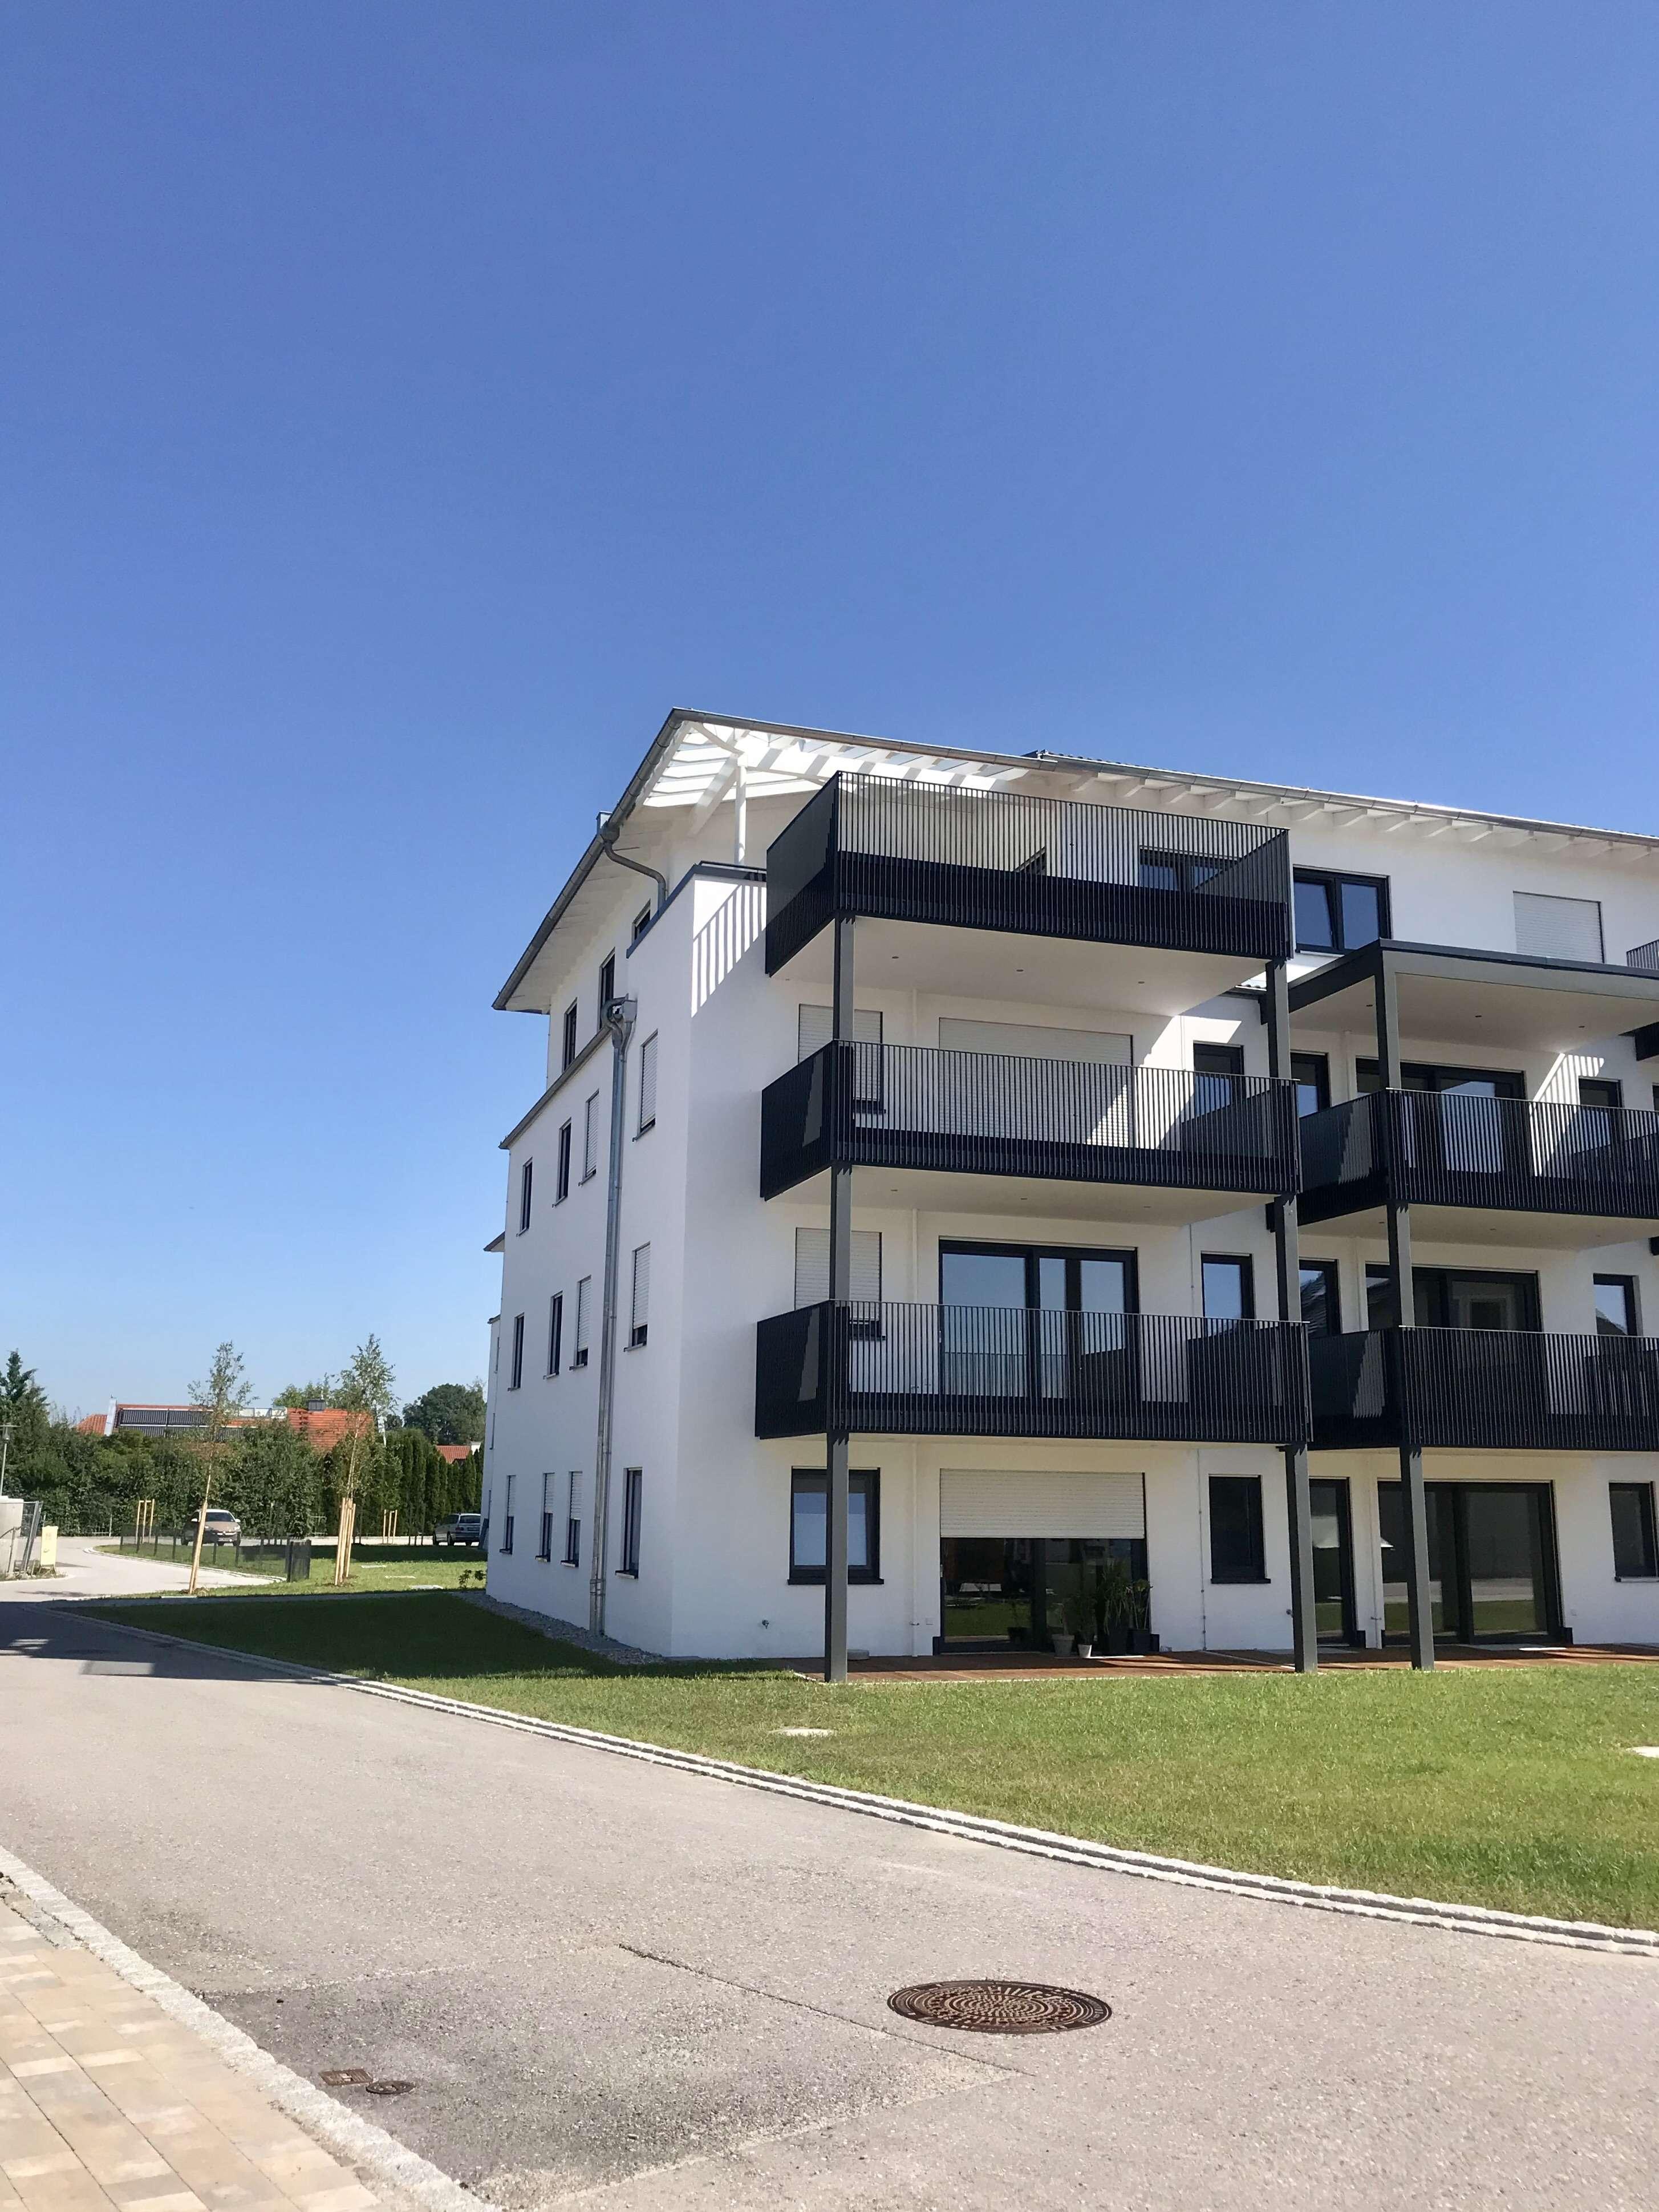 3-Zimmer-Wohnung mit tollem Ausblick in Mühldorf am Inn